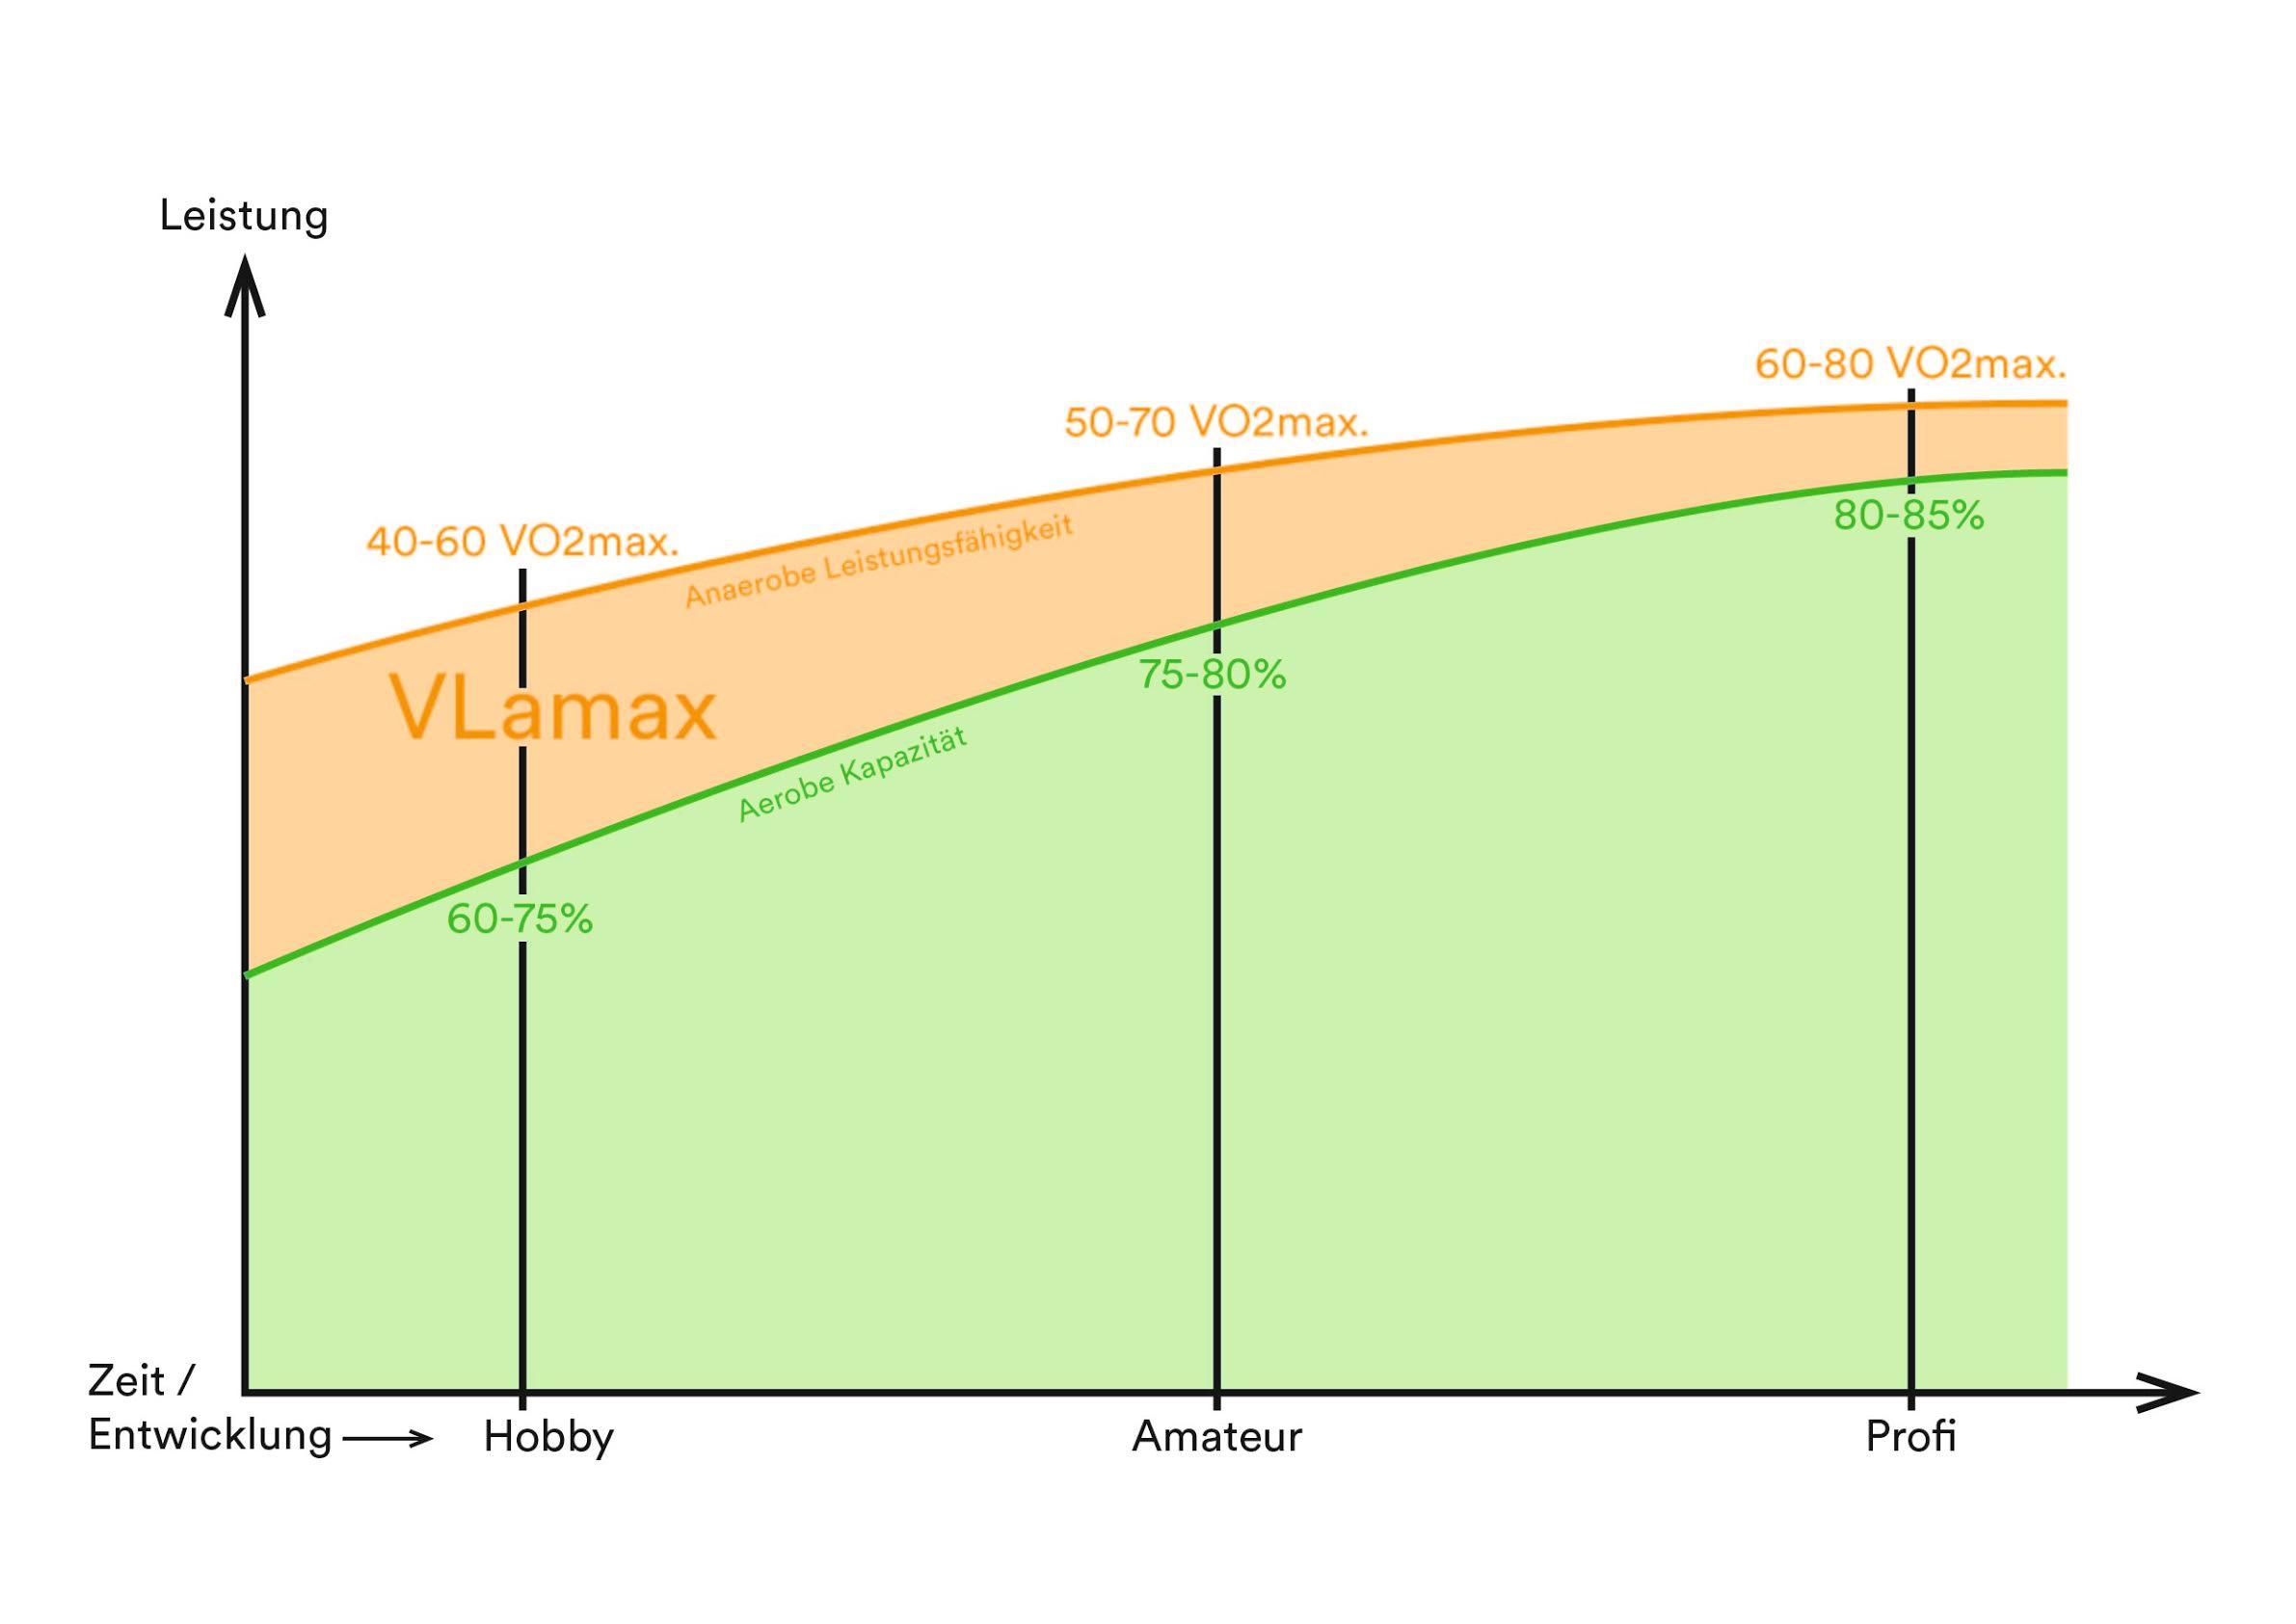 Grafik 1: Unterschiede von Breiten/-Profisportler im Triathlon anhand der VLamax.